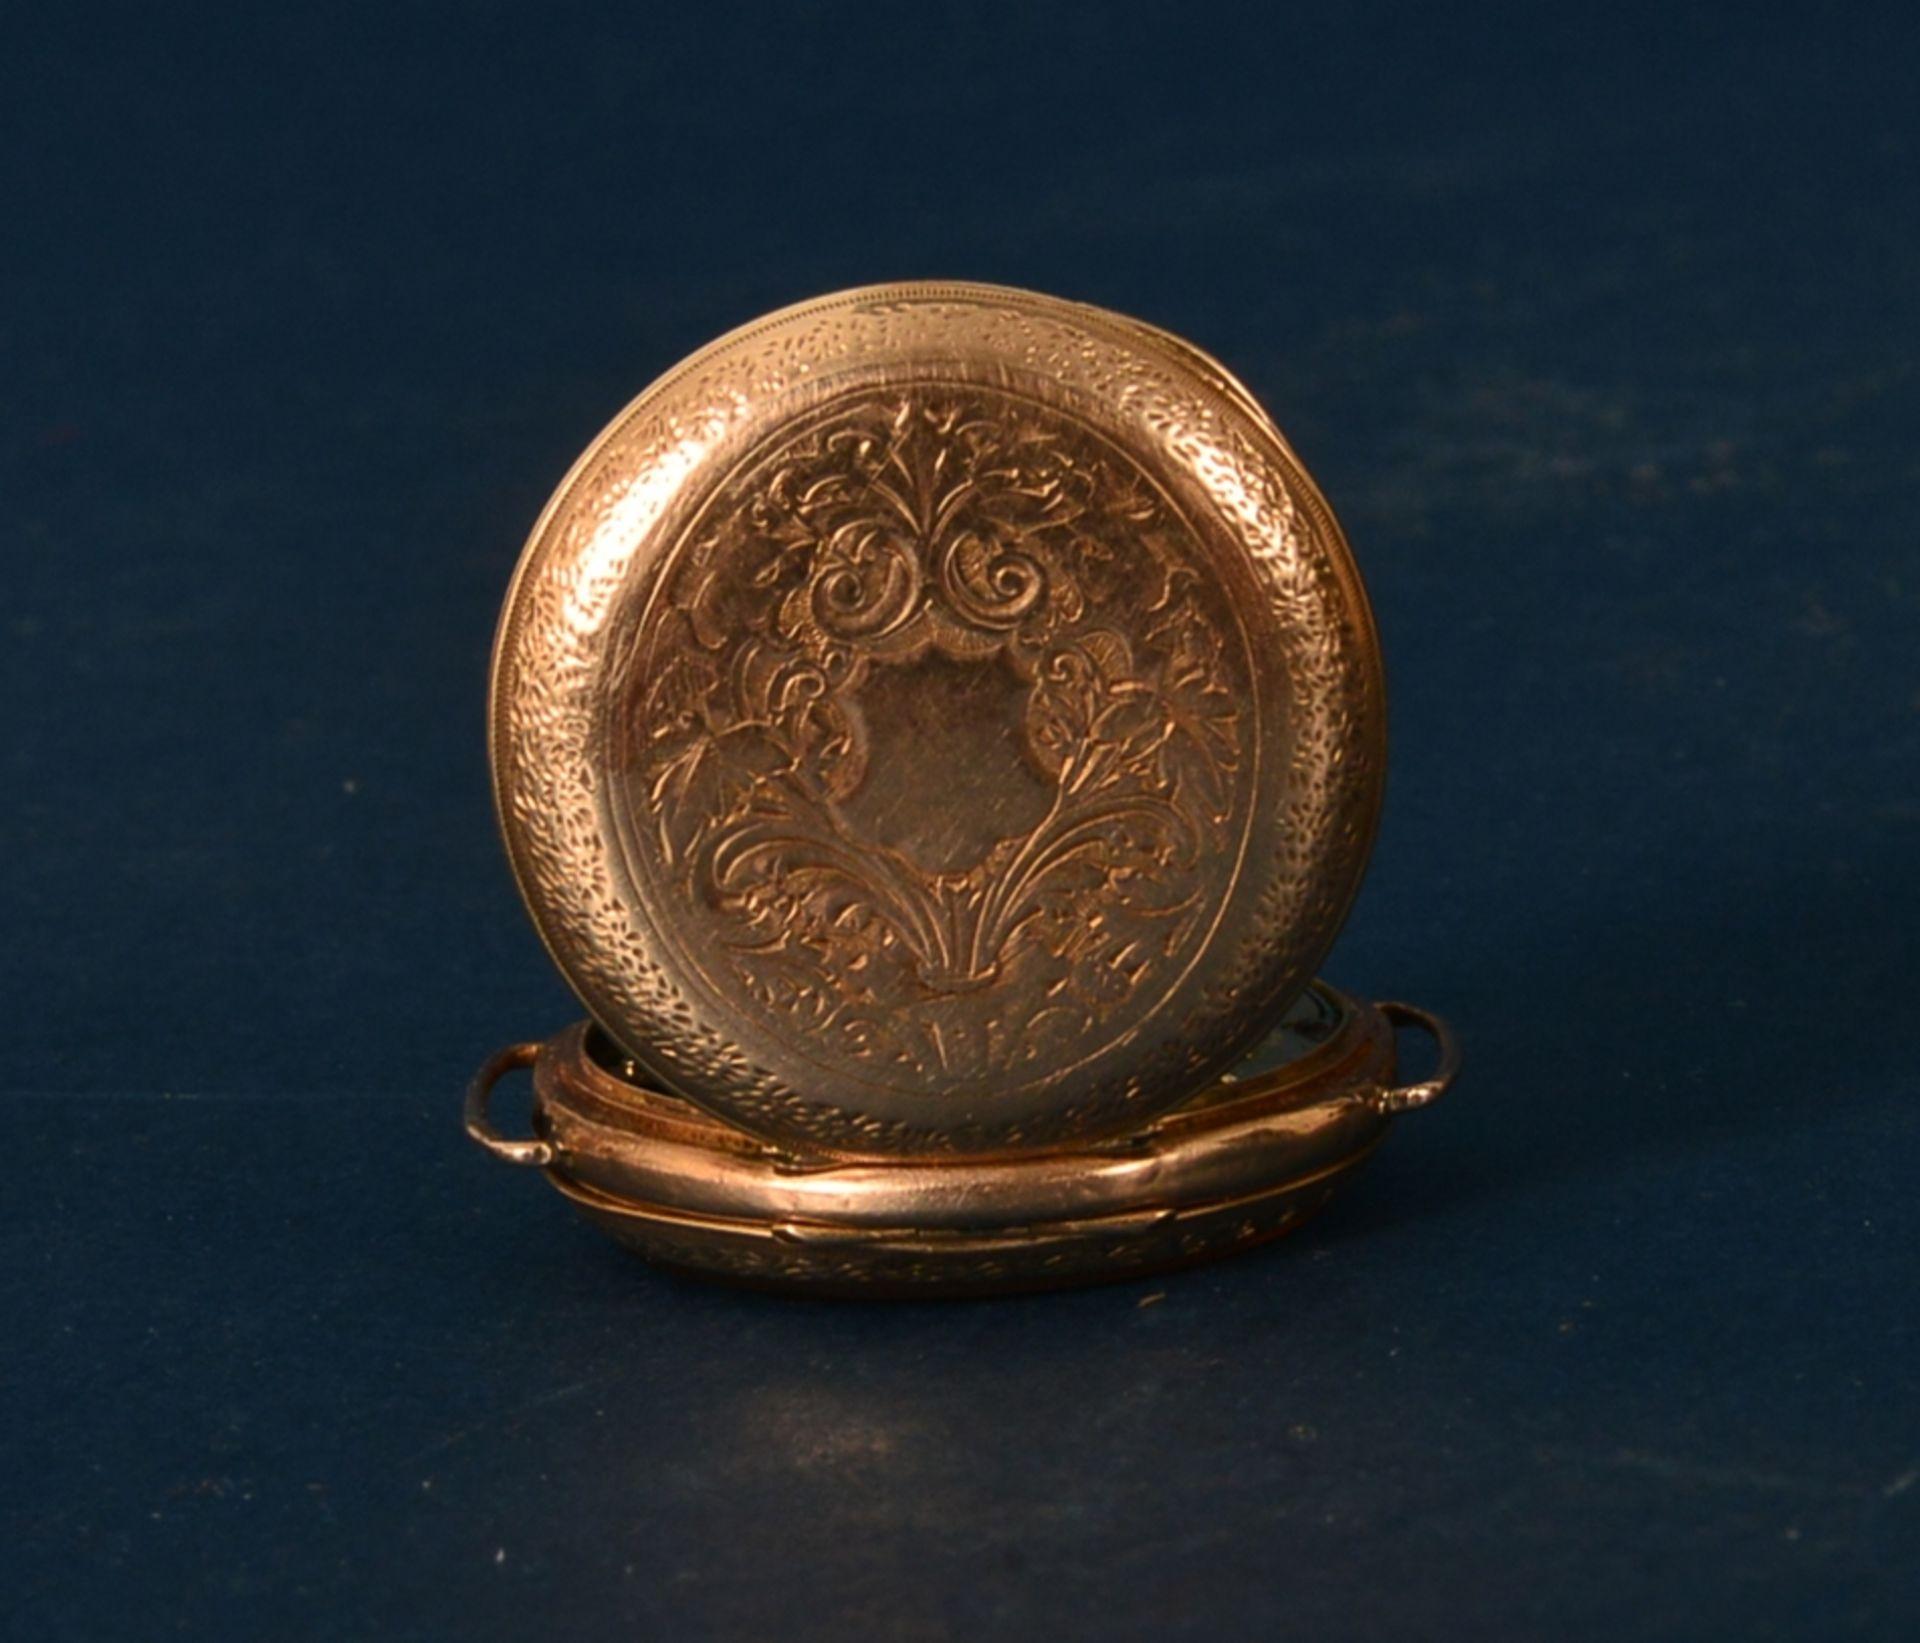 Frühe Damenarmbanduhr, um 1900. Aufwändig gestaltetes 585er Gelbgoldgehäuse, Durchmesser ca. 30 - Bild 4 aus 7